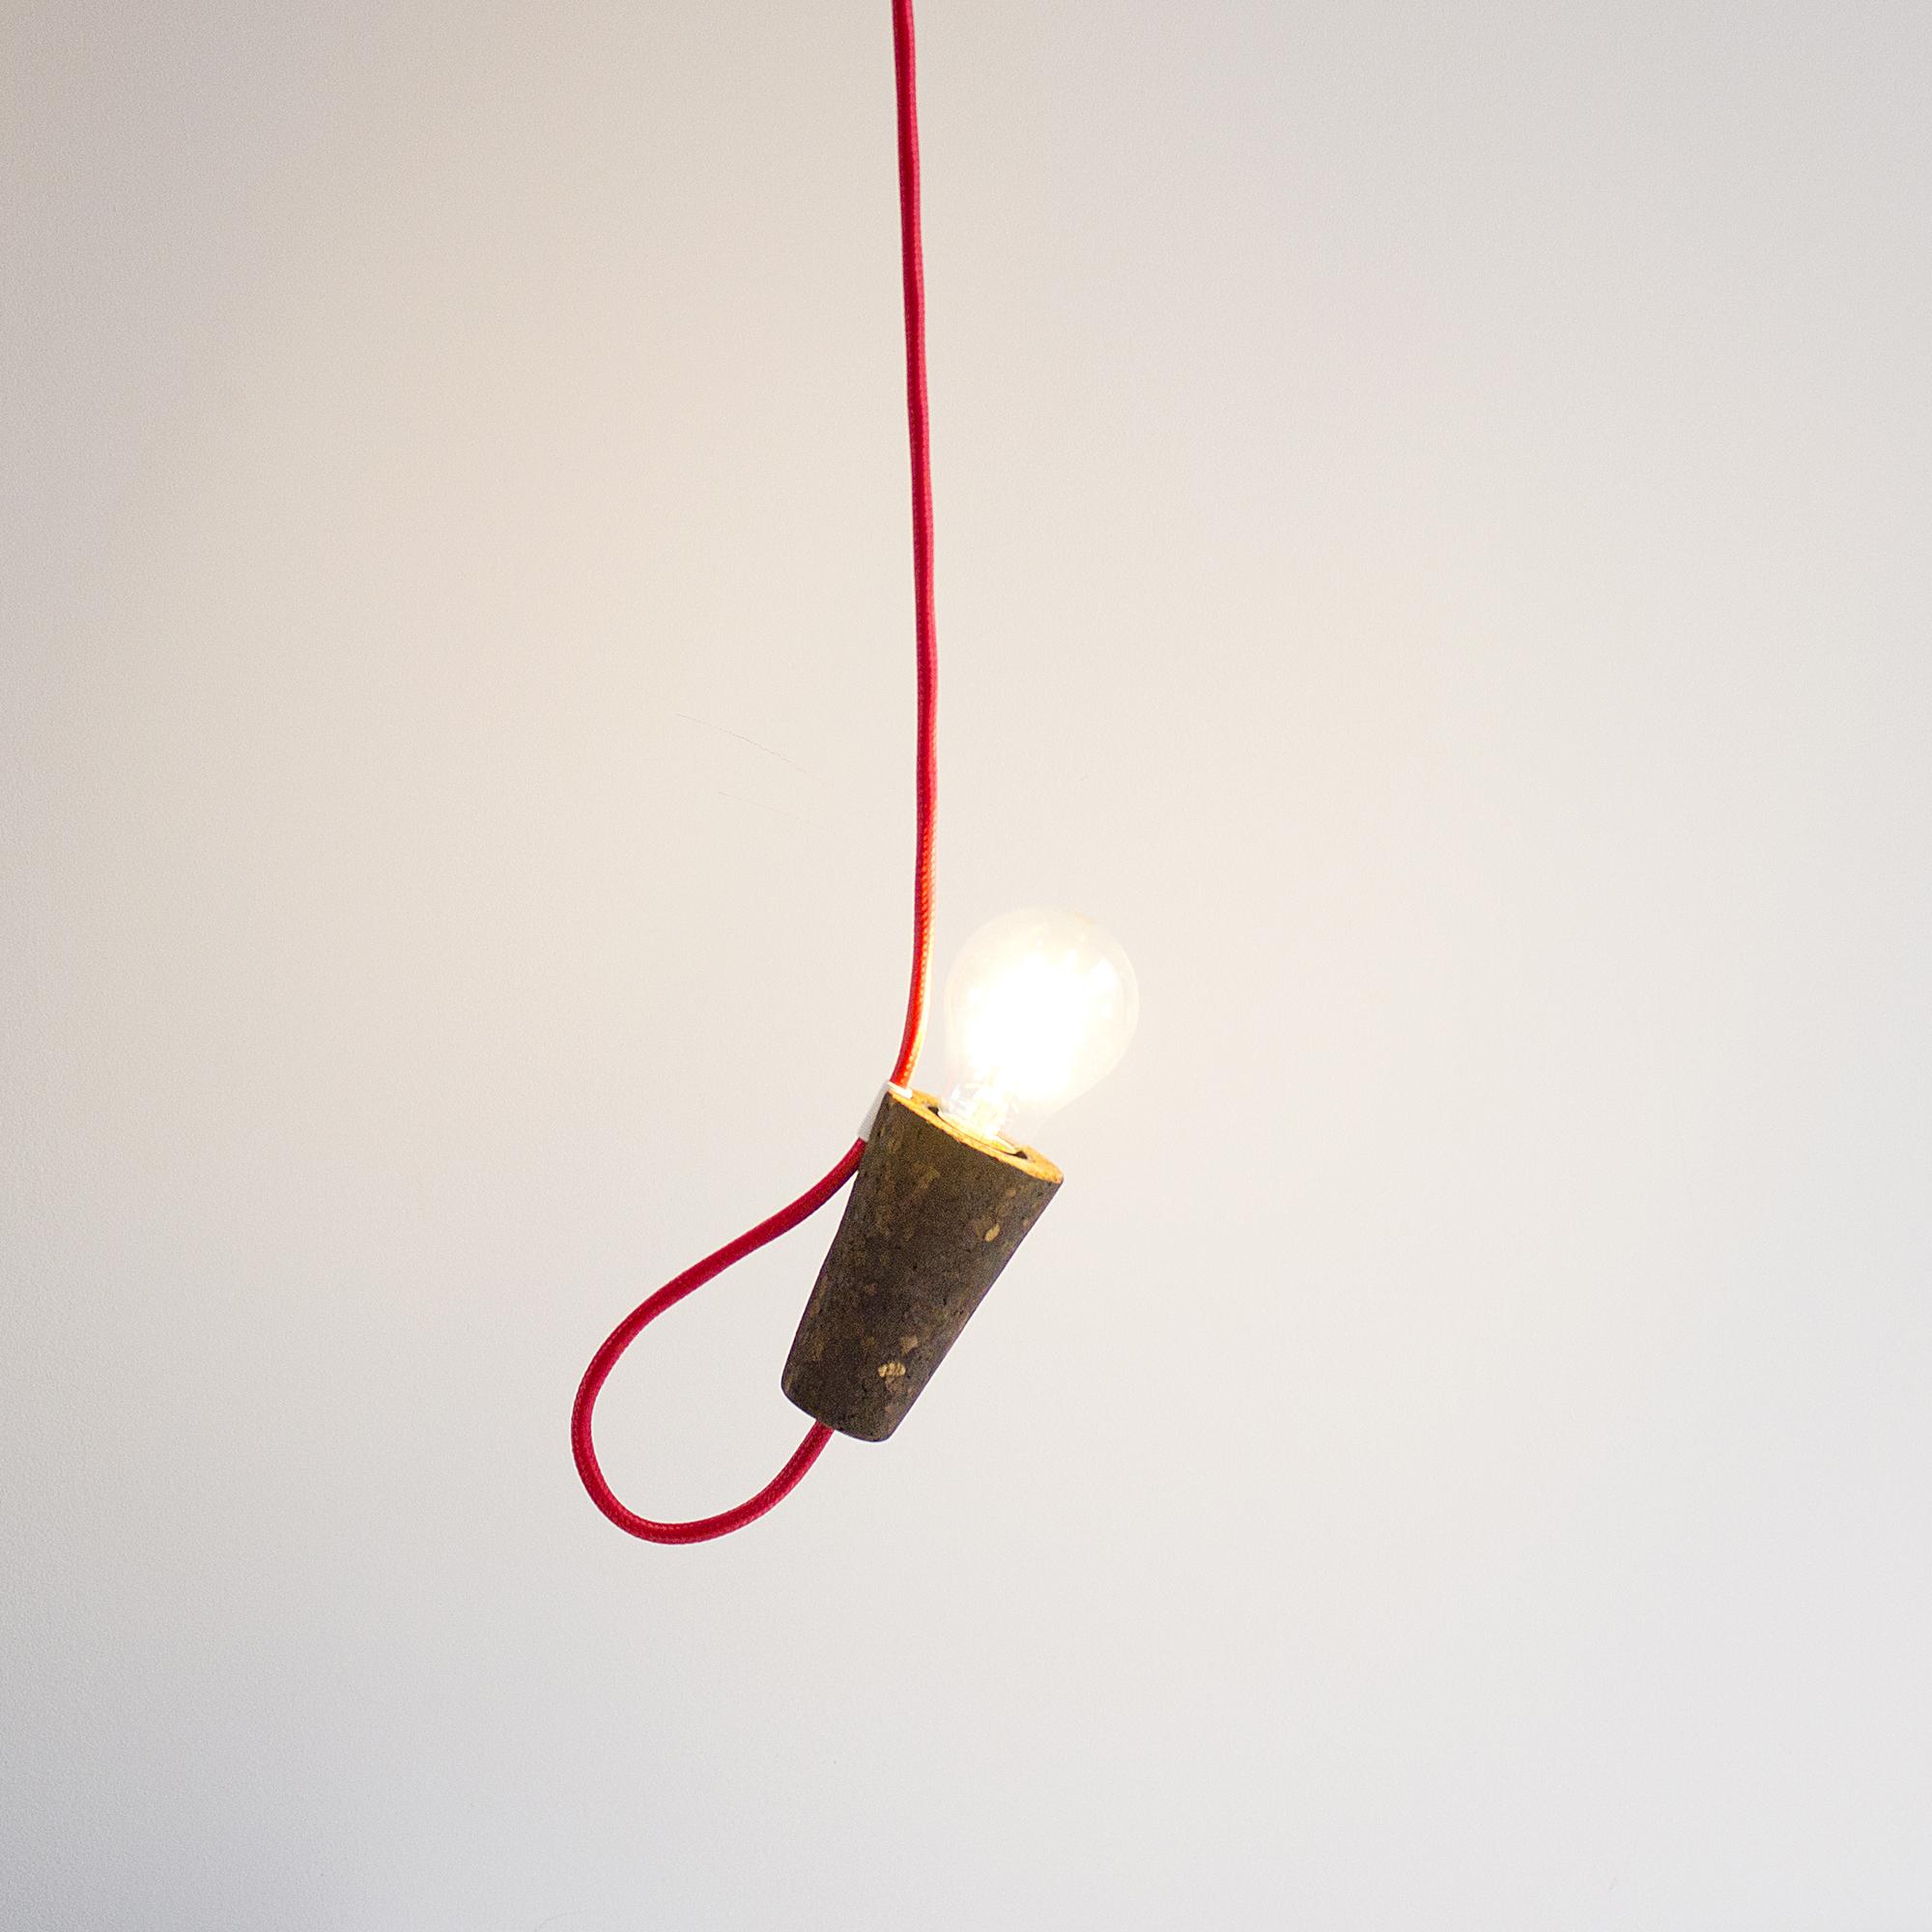 'Sininho' pendant lamp - 'Sininho' pendant lamp, light or dark cork and red cable. The light spot can be directed up or down and you can use alone or with other 'Sininho' and form a chandelier.Candeeiro 'Sininho', cortiça clara ou escura e cabo vermelho. O ponto de luz pode ser direcionado para cima ou para baixo e pode ser usado sozinho ou com outros 'Sininho' e forma um candelabro.